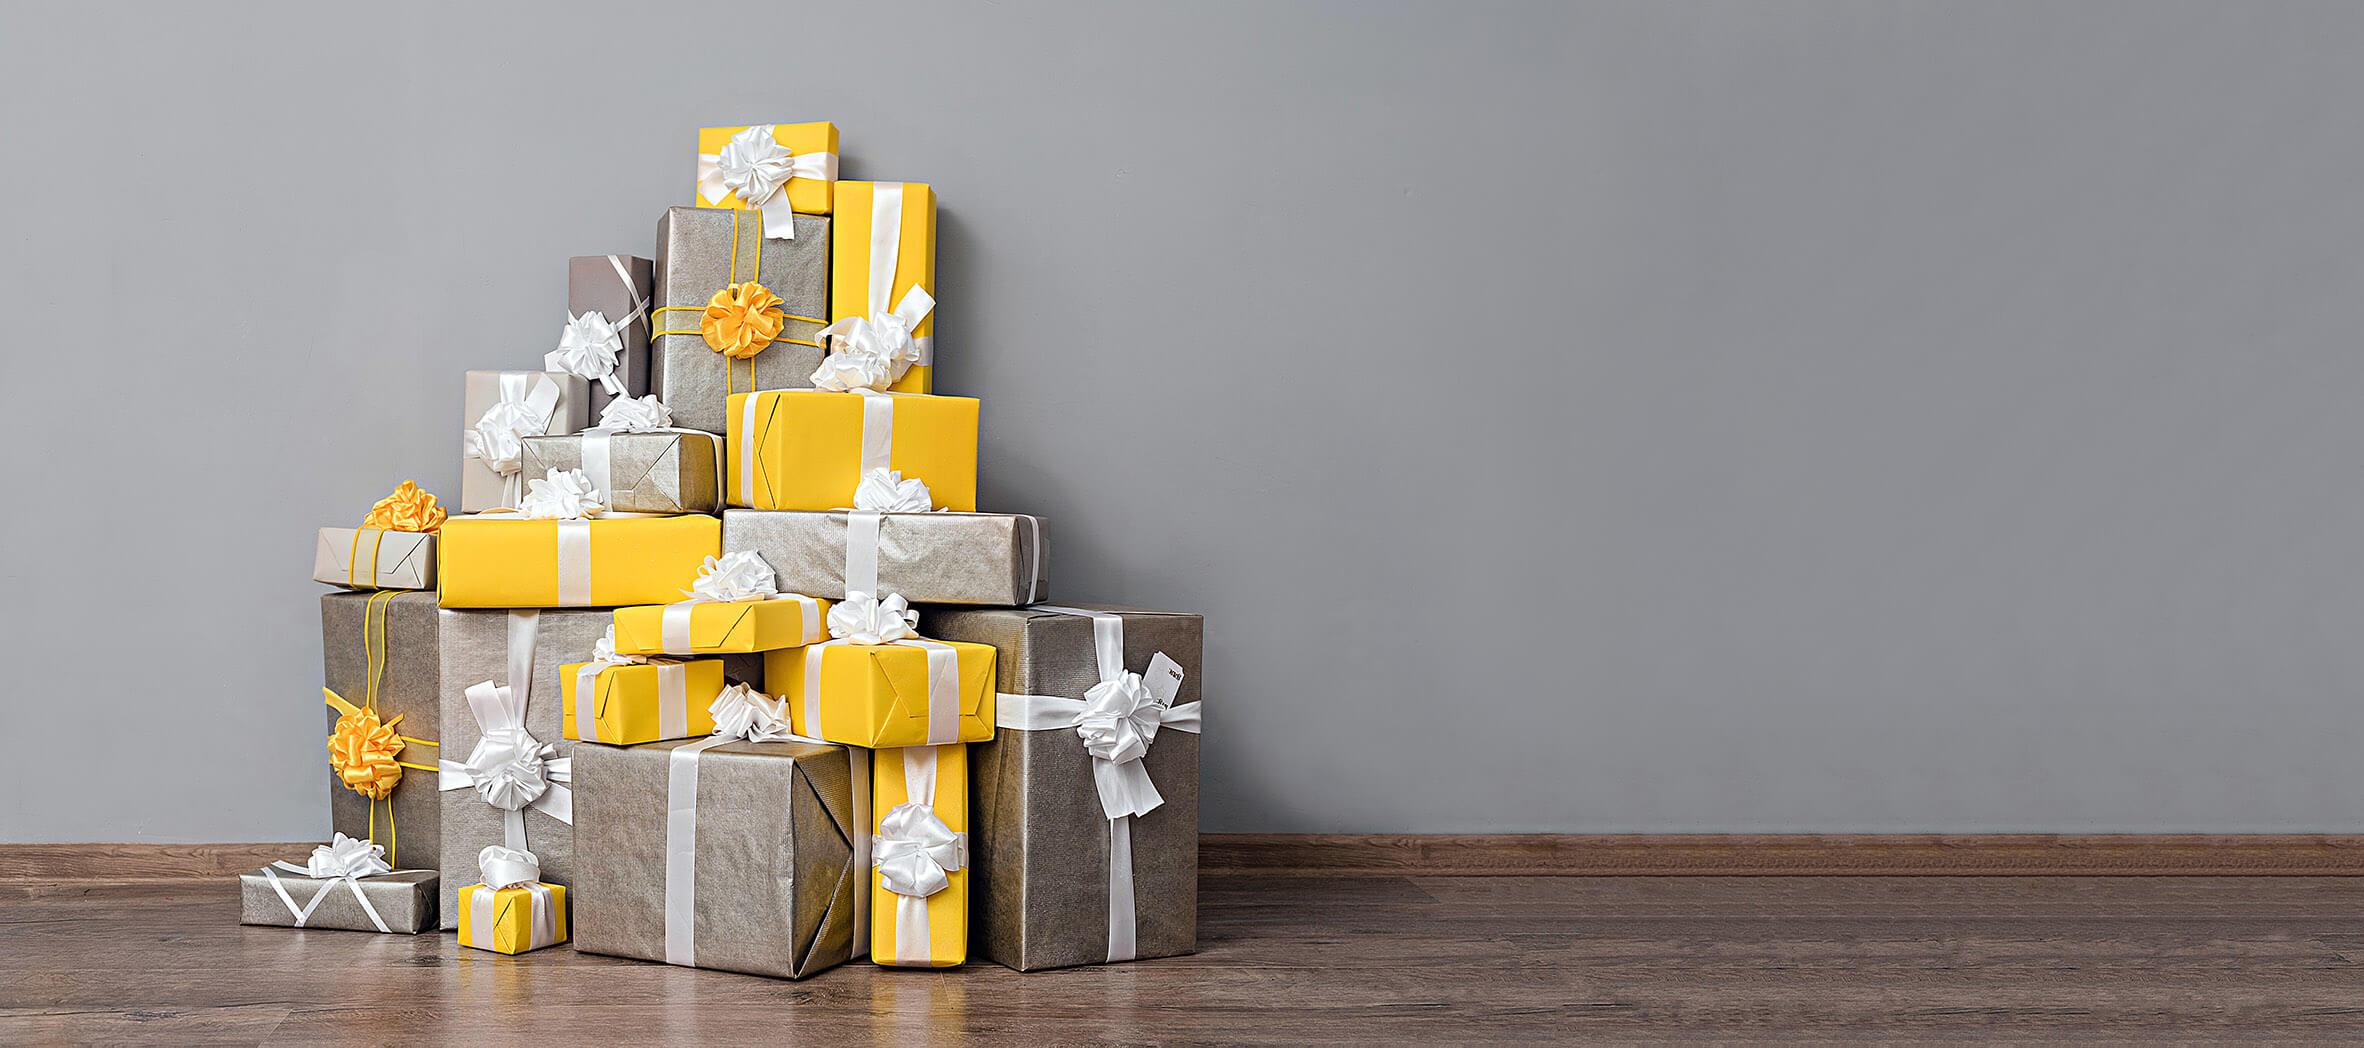 geschenkartikel-grosshandel